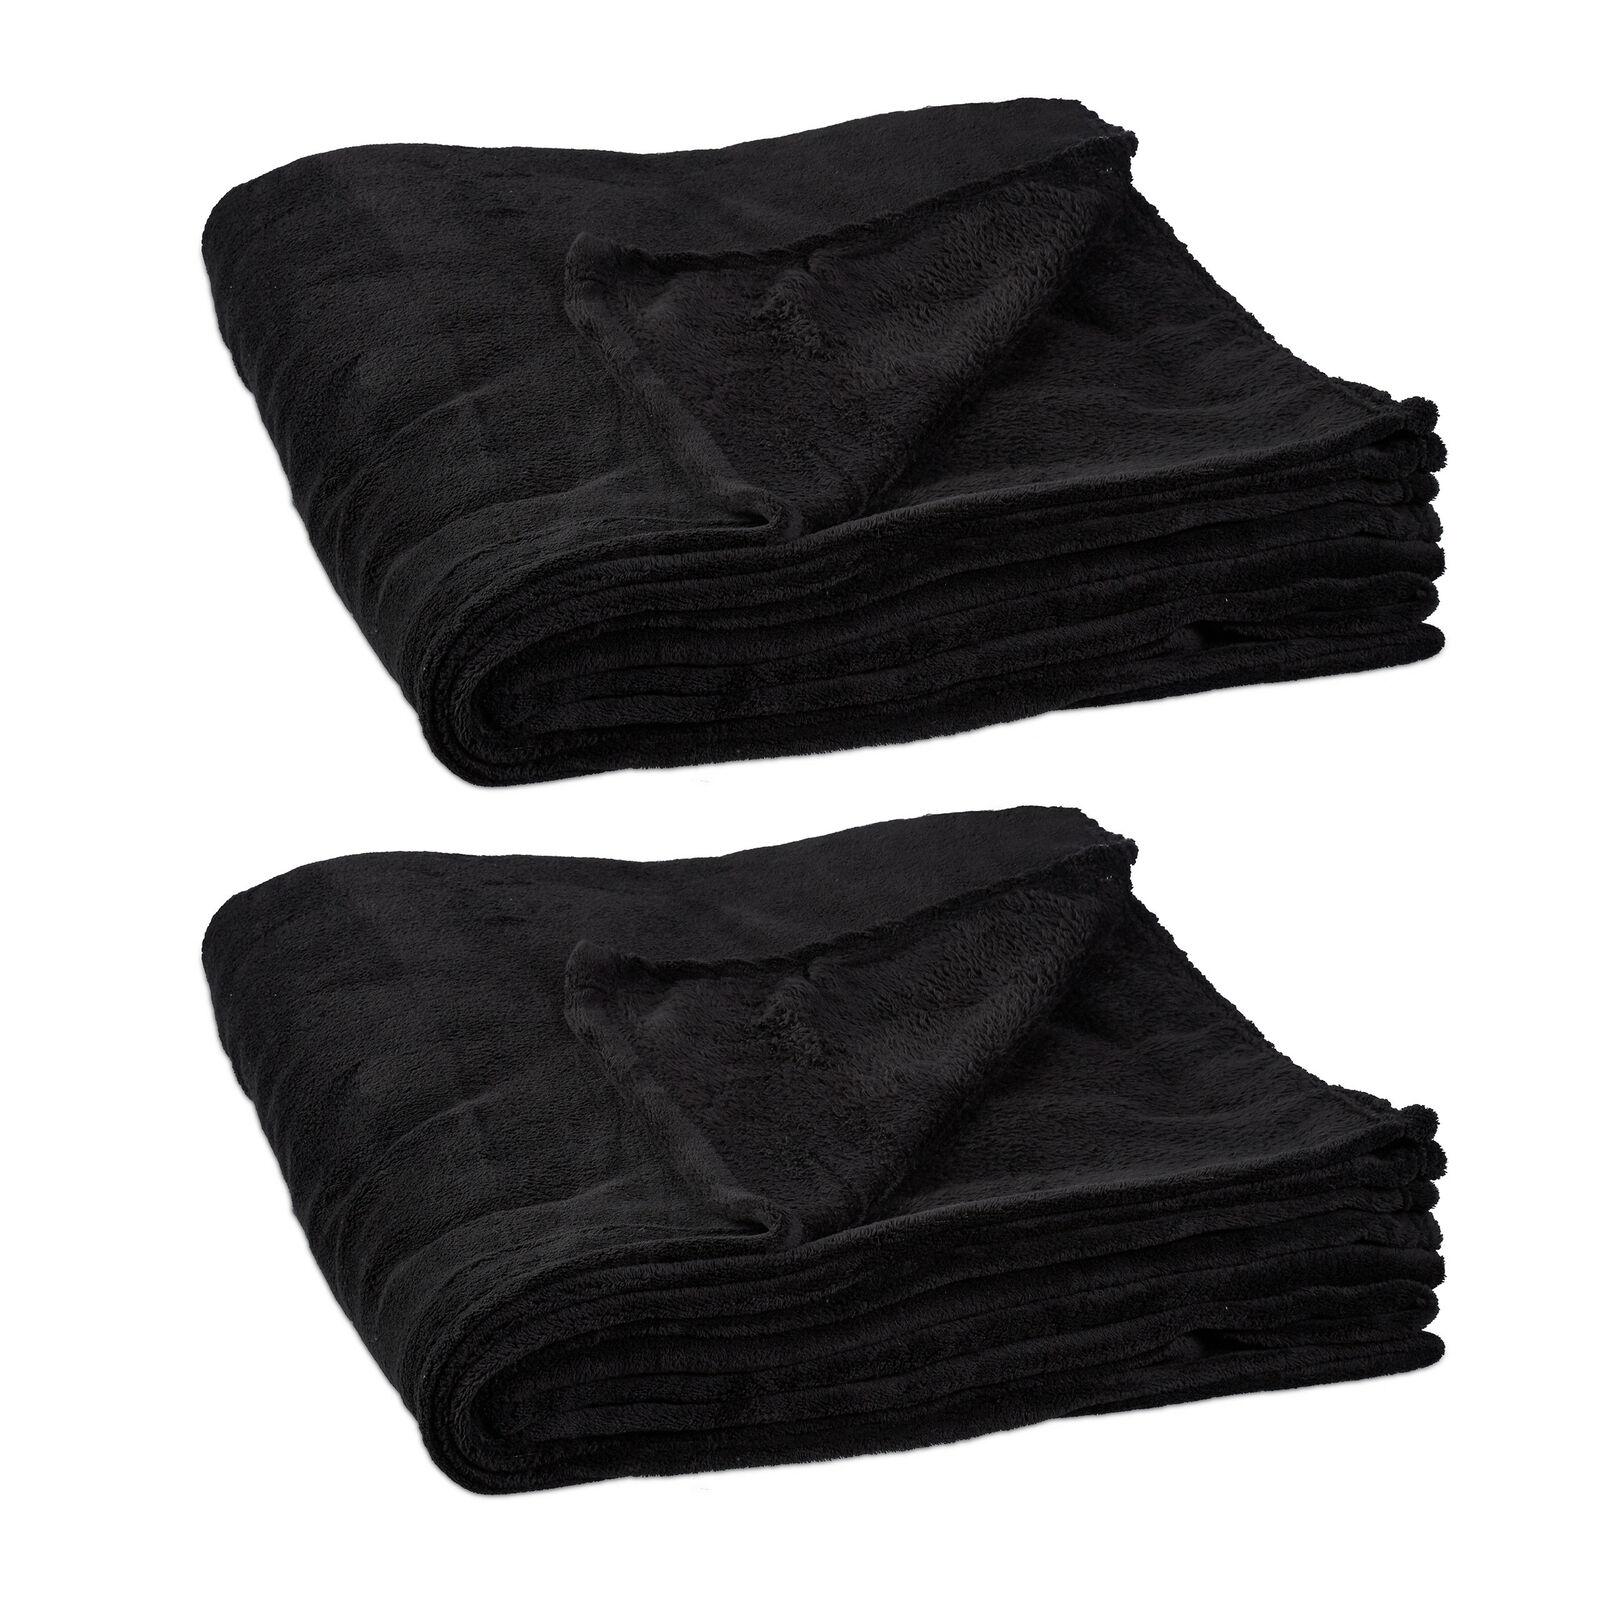 2 x Kuscheldecke 200 x 220 cm, extragroße Fleecedecke in Schwarz, aus Polyester